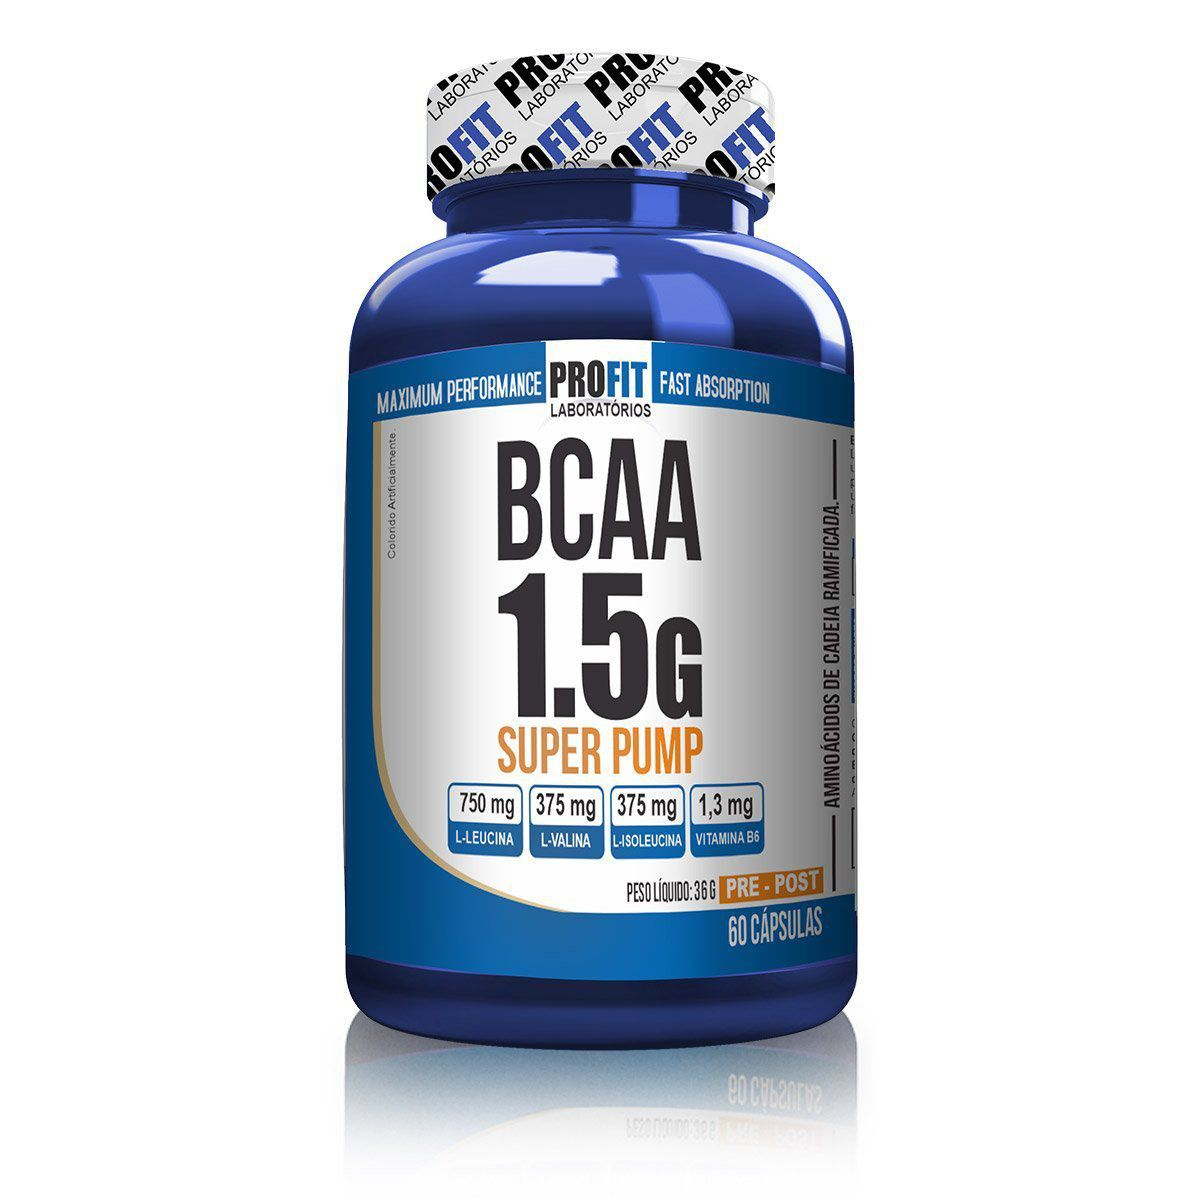 BCAA 1.5g Super Pump 60 Cápsulas Profit